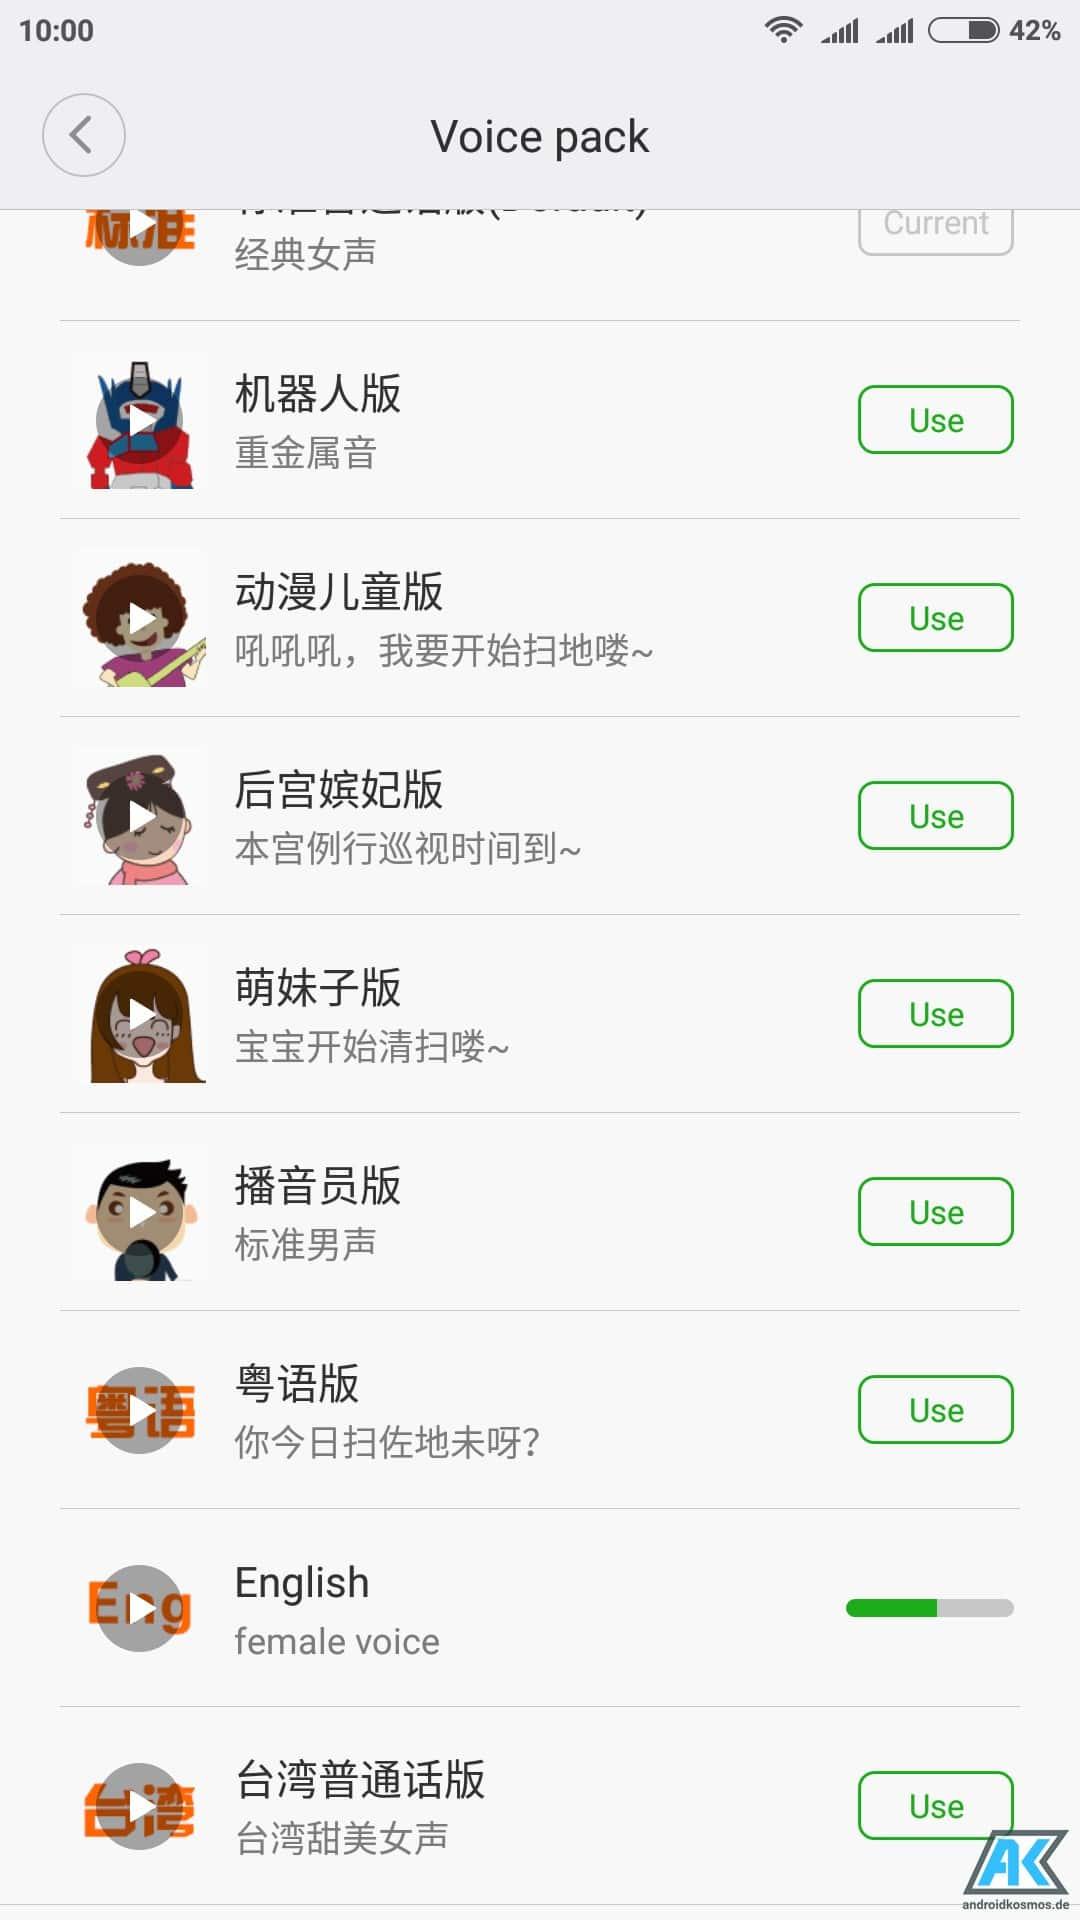 Anleitung: Xiaomi Mi Robot Vacuum Sprache auf Englisch umstellen 5